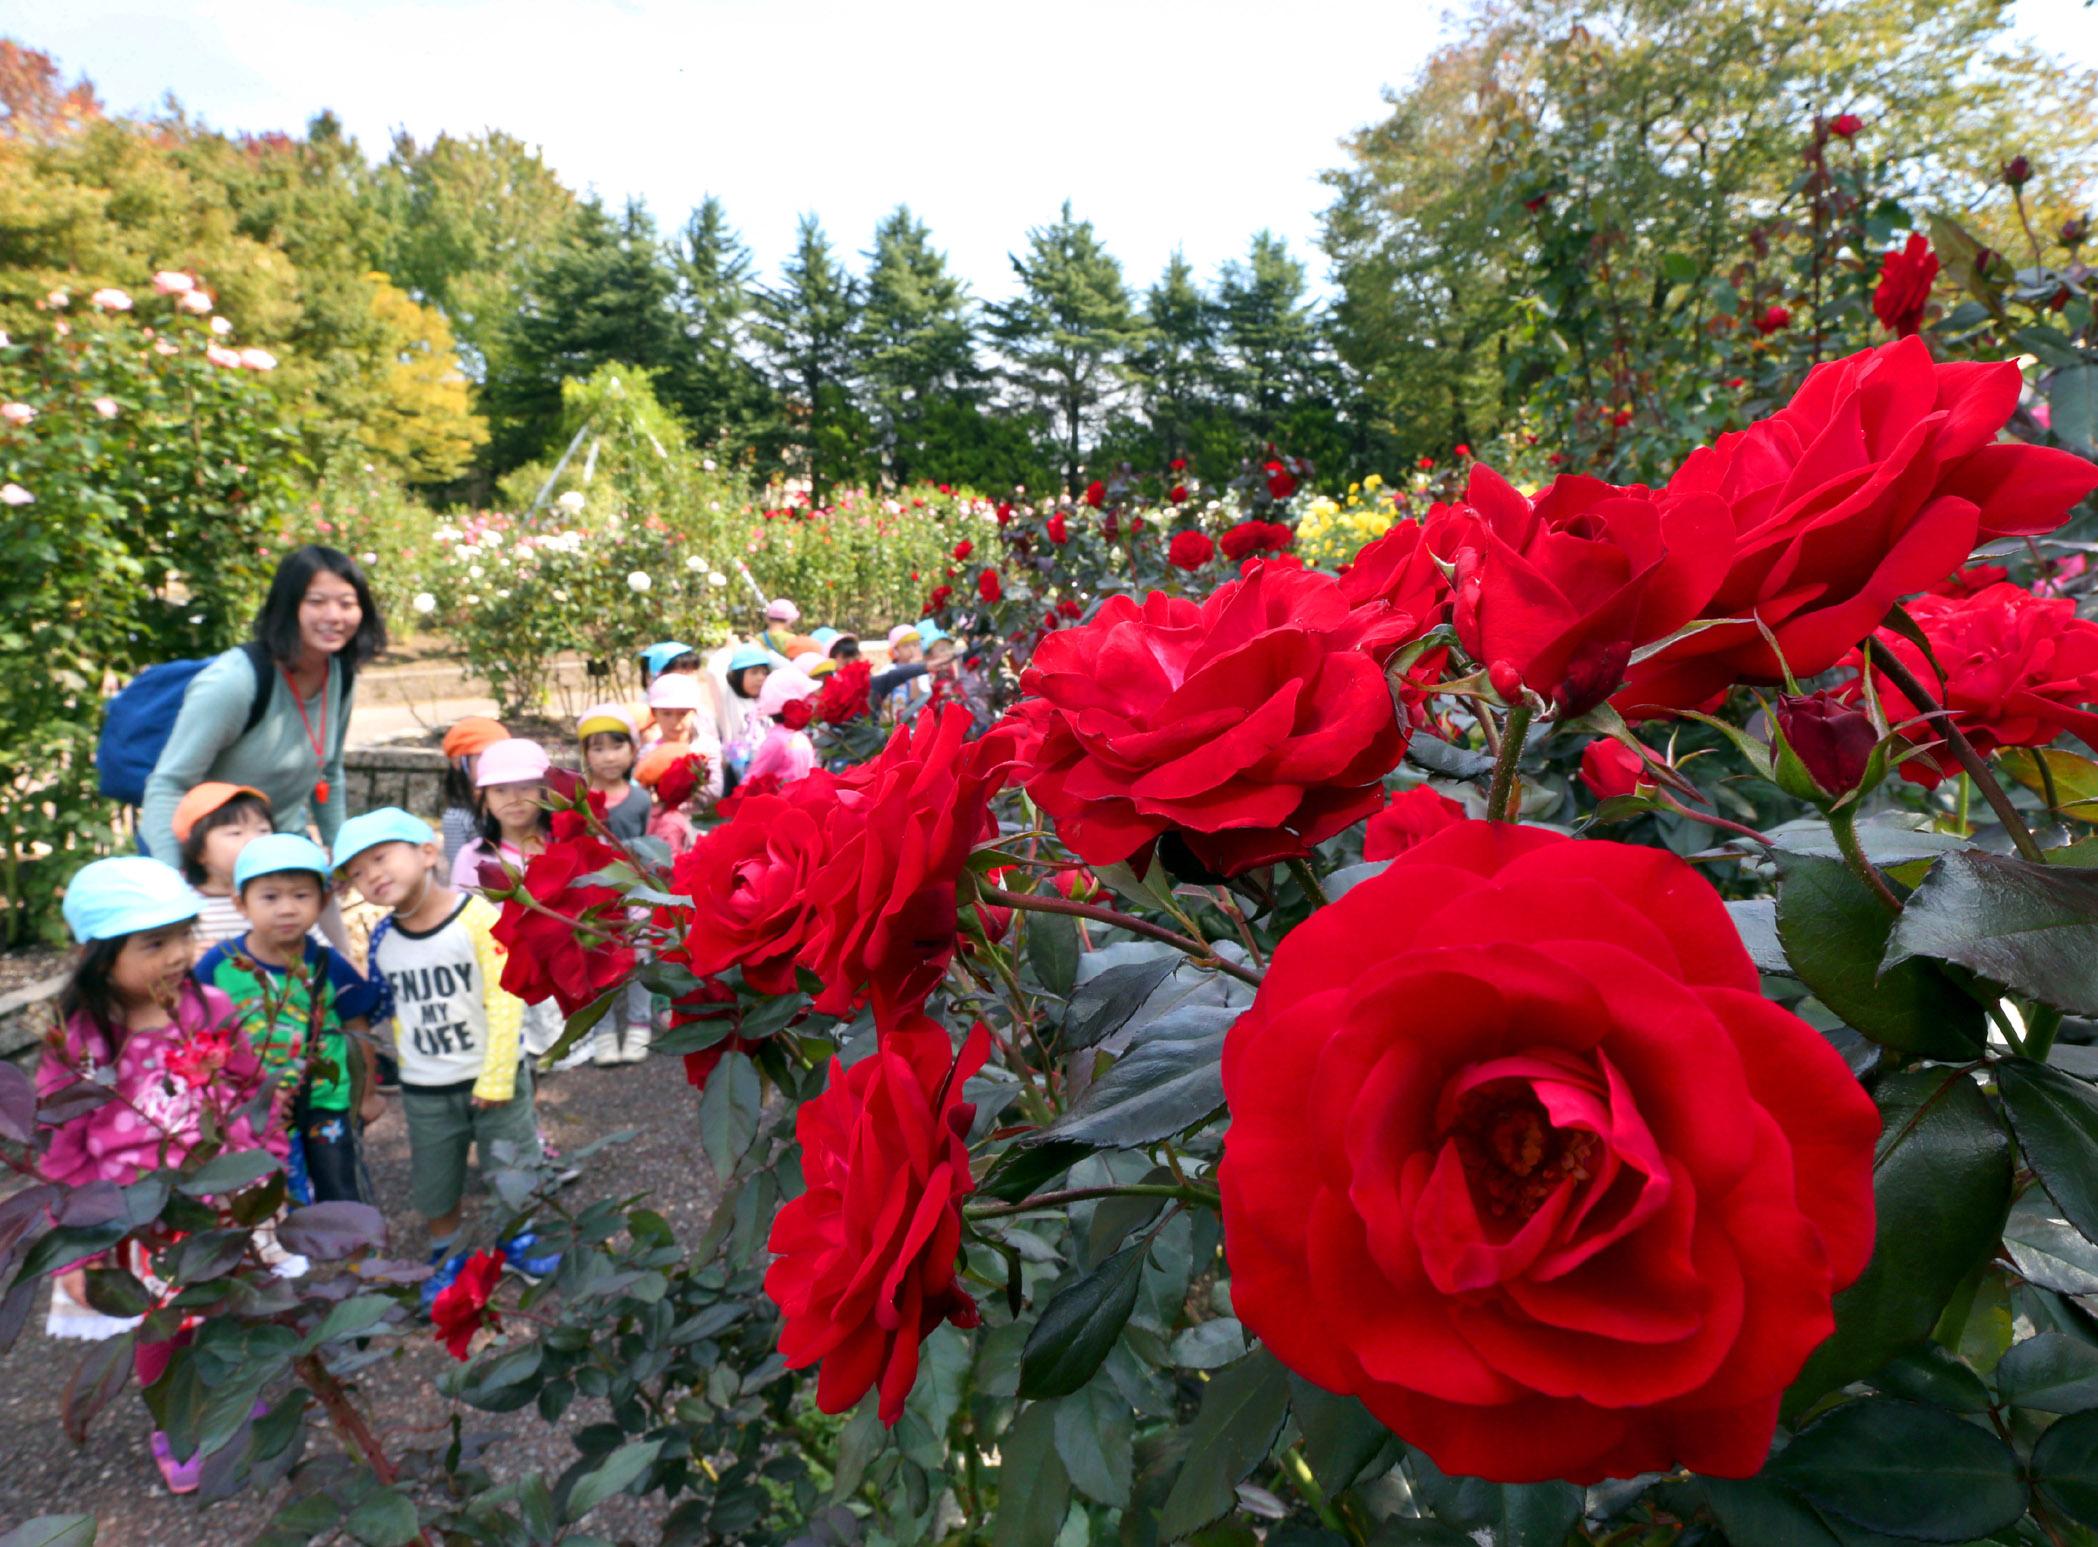 鮮やかに色づいたバラを眺める園児=5日午前11時、金沢市富樫3丁目の金沢南総合運動公園バラ園